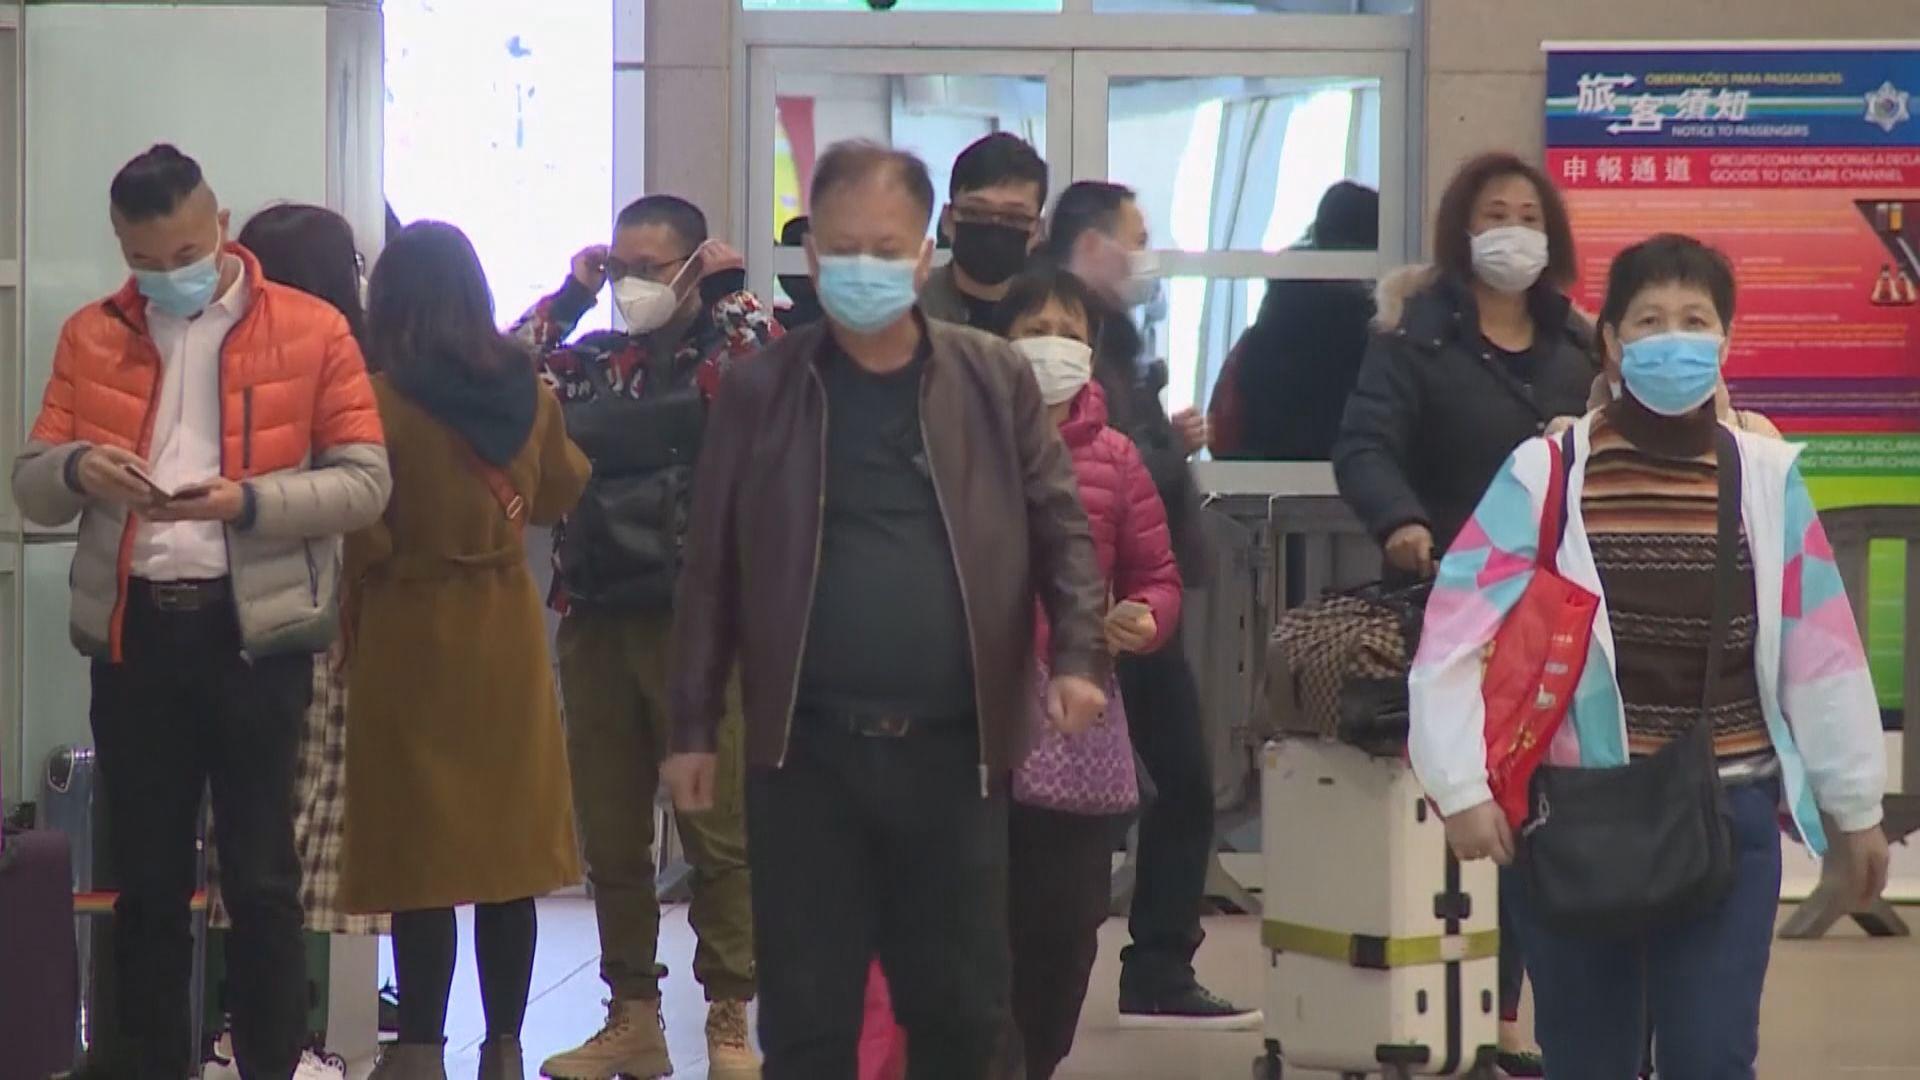 澳門政府呼籲經香港返澳門居民先網上登記